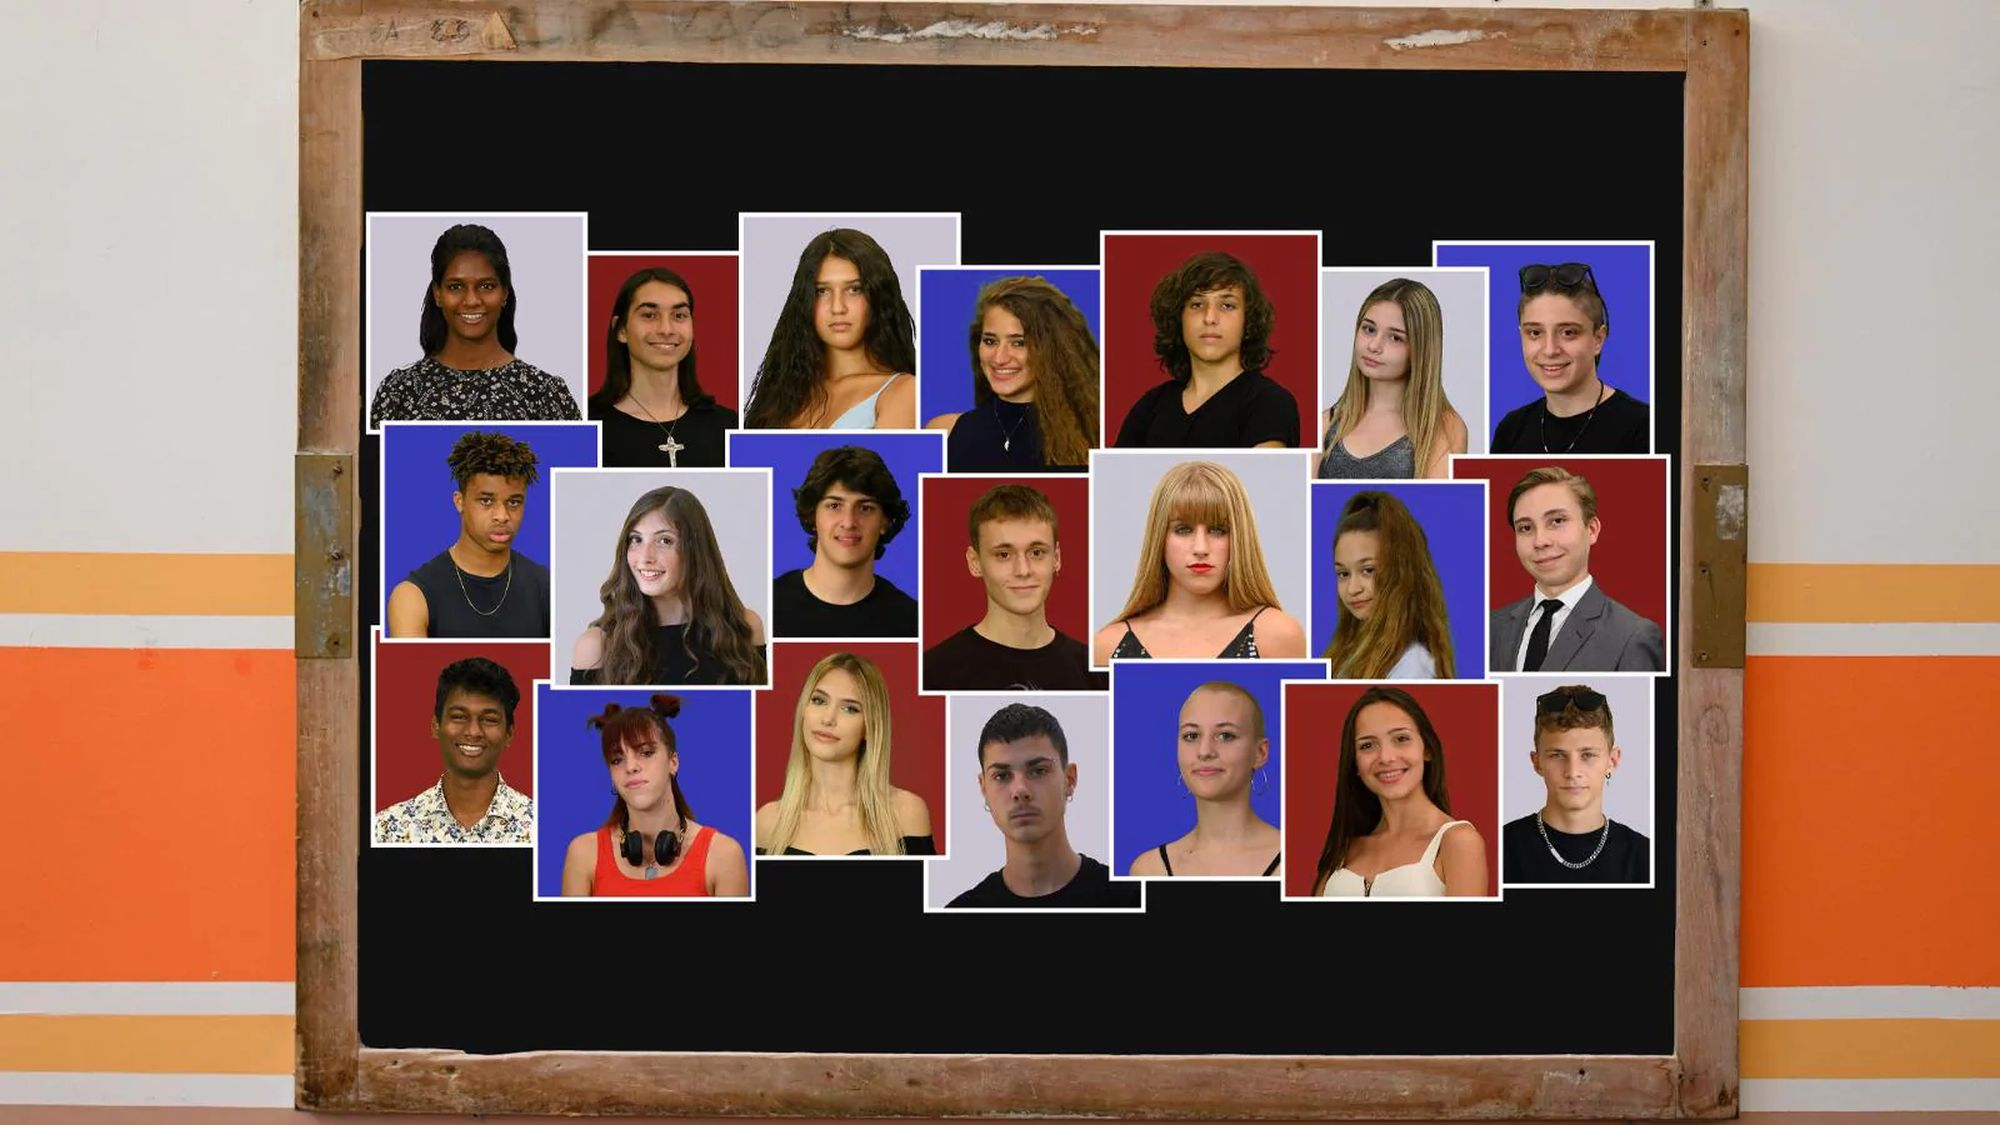 Il Collegio 5: anticipazioni, cast e personaggi penultima puntata